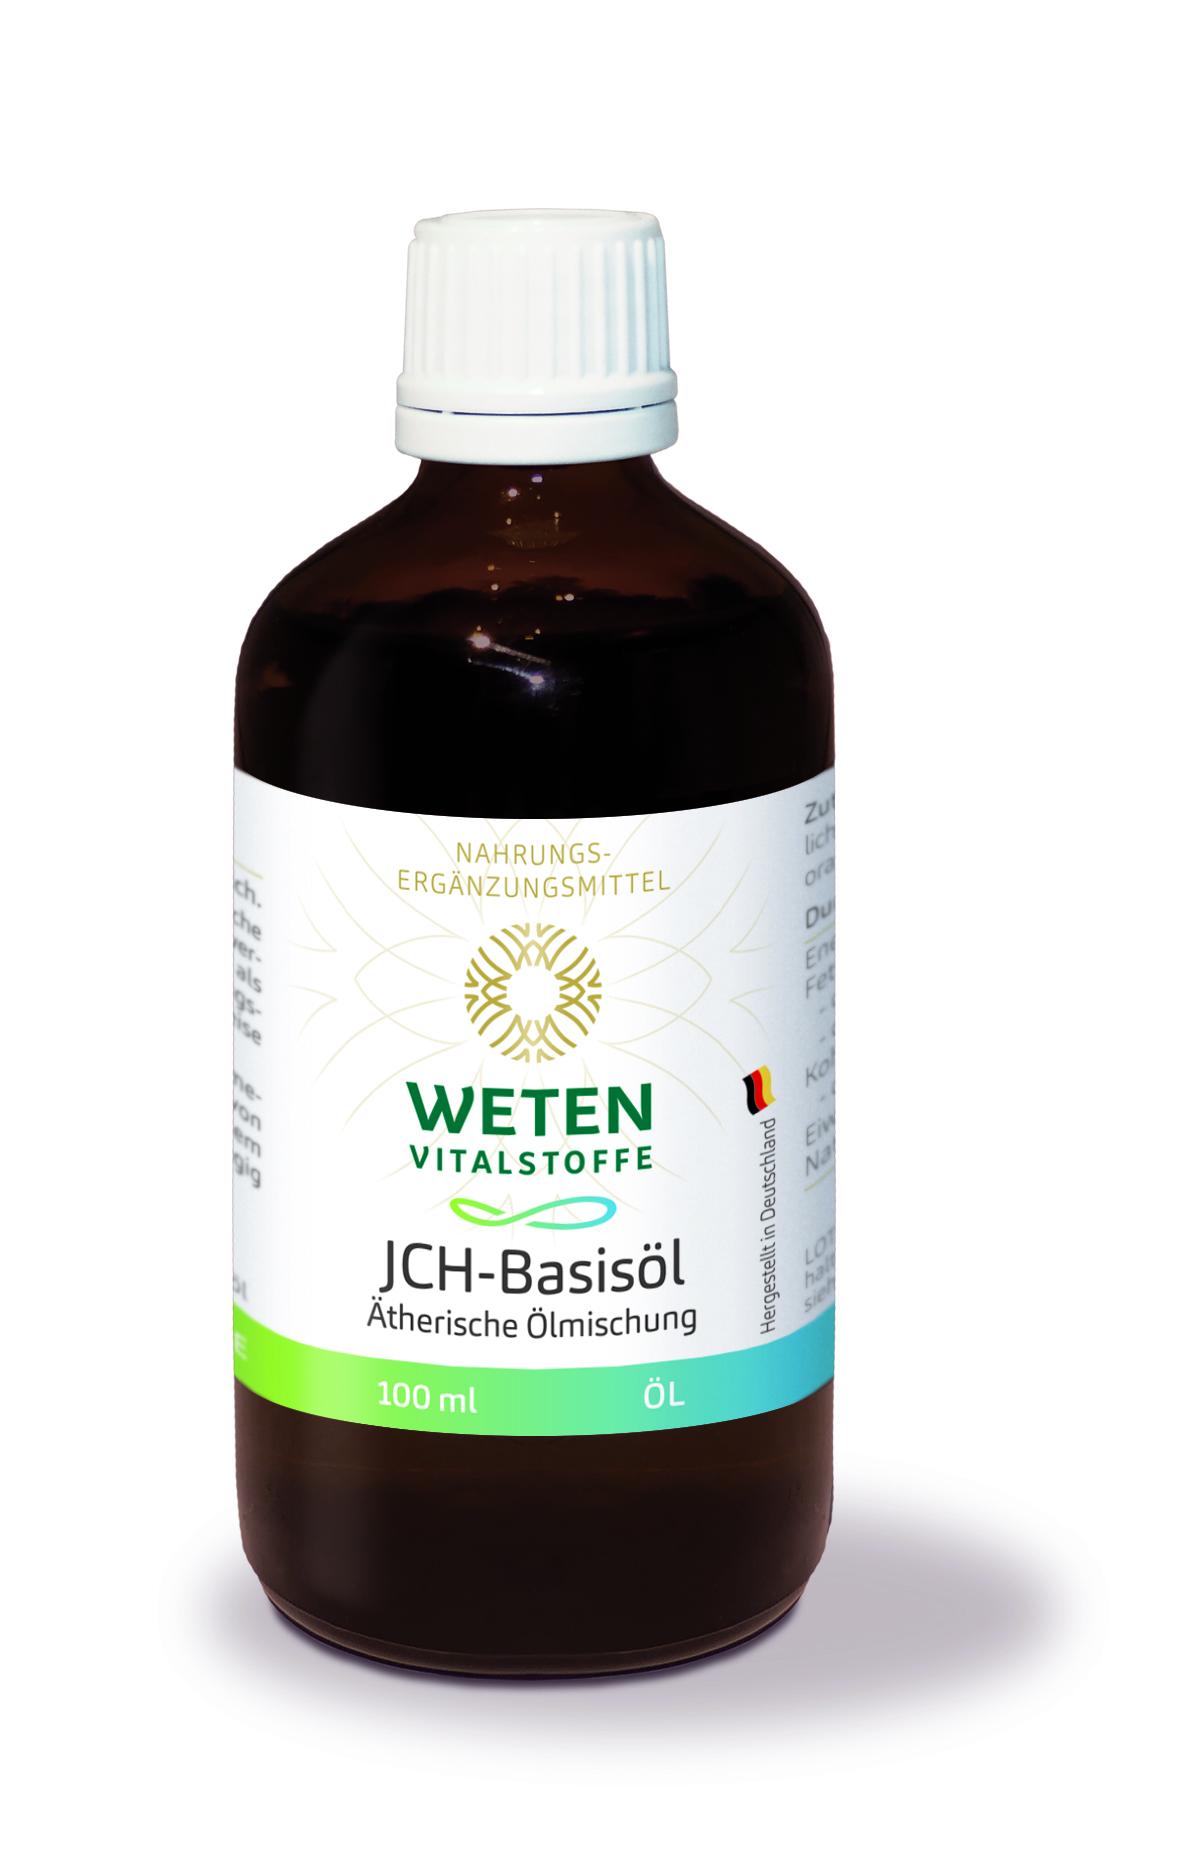 Vorschaubild: JCH-Basisöl